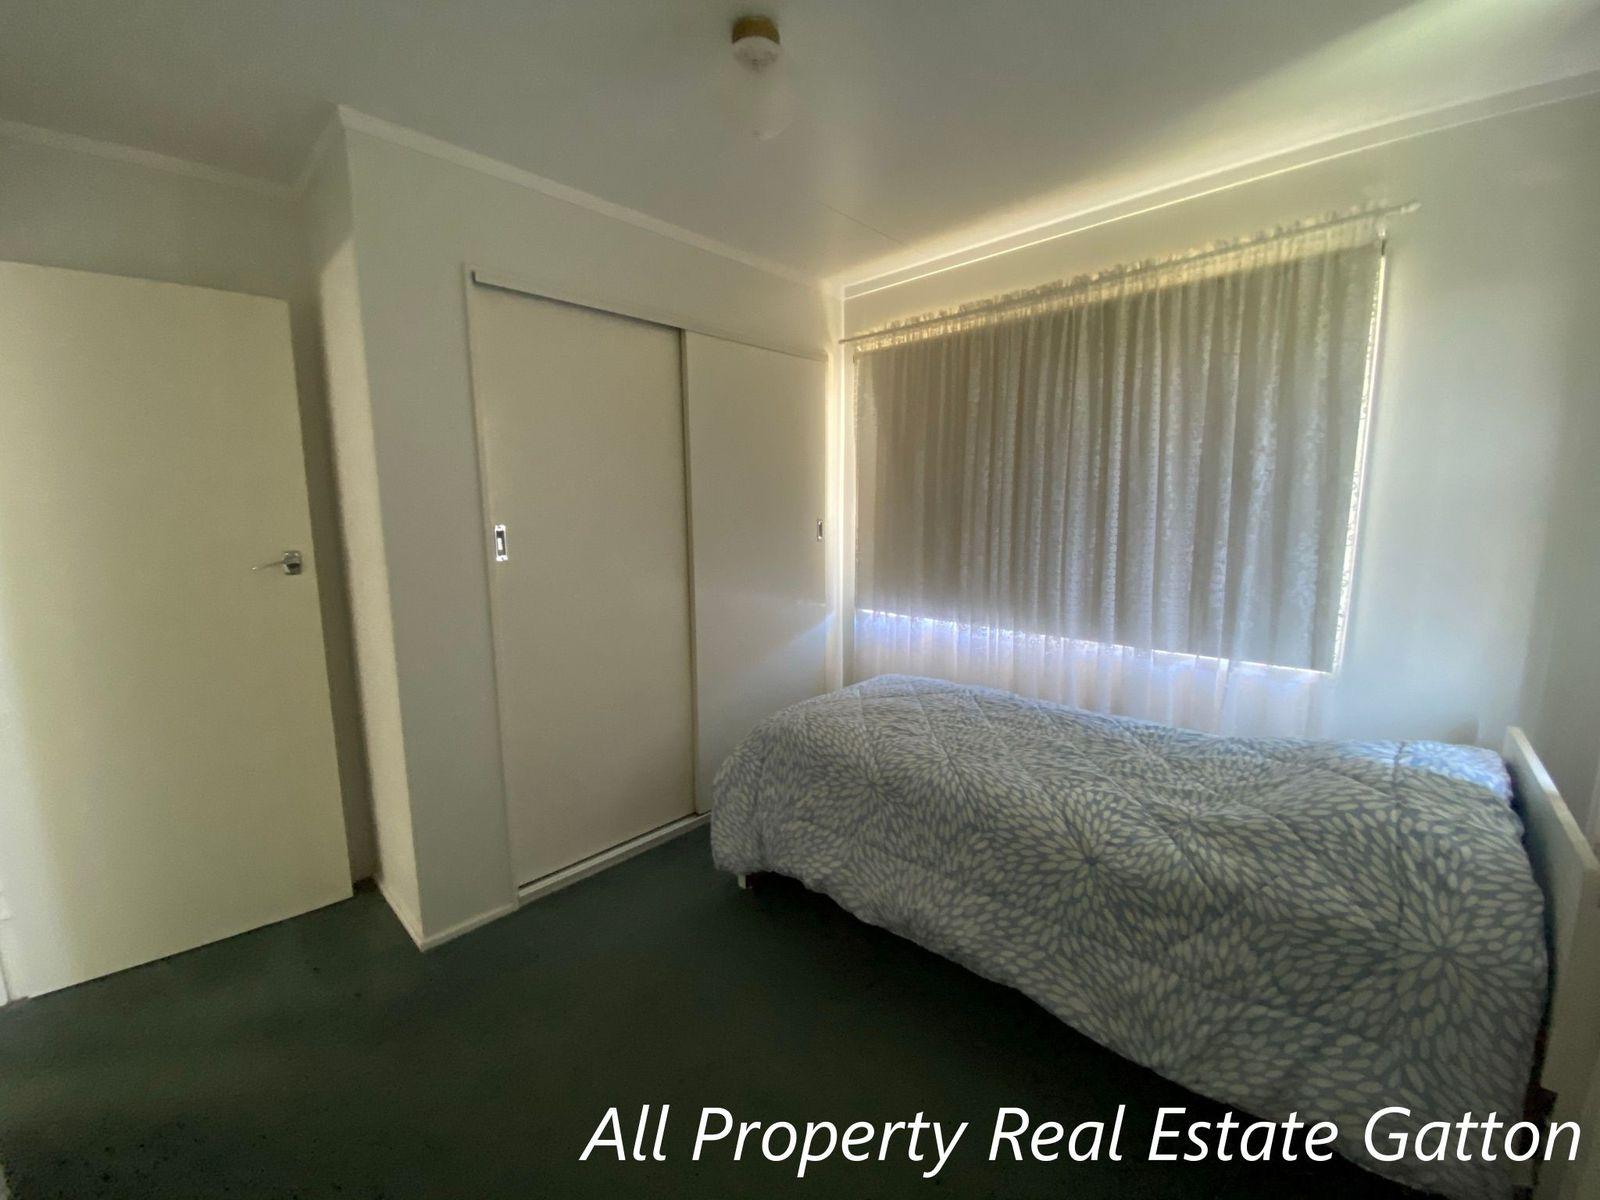 27 Lockyer Street, Gatton